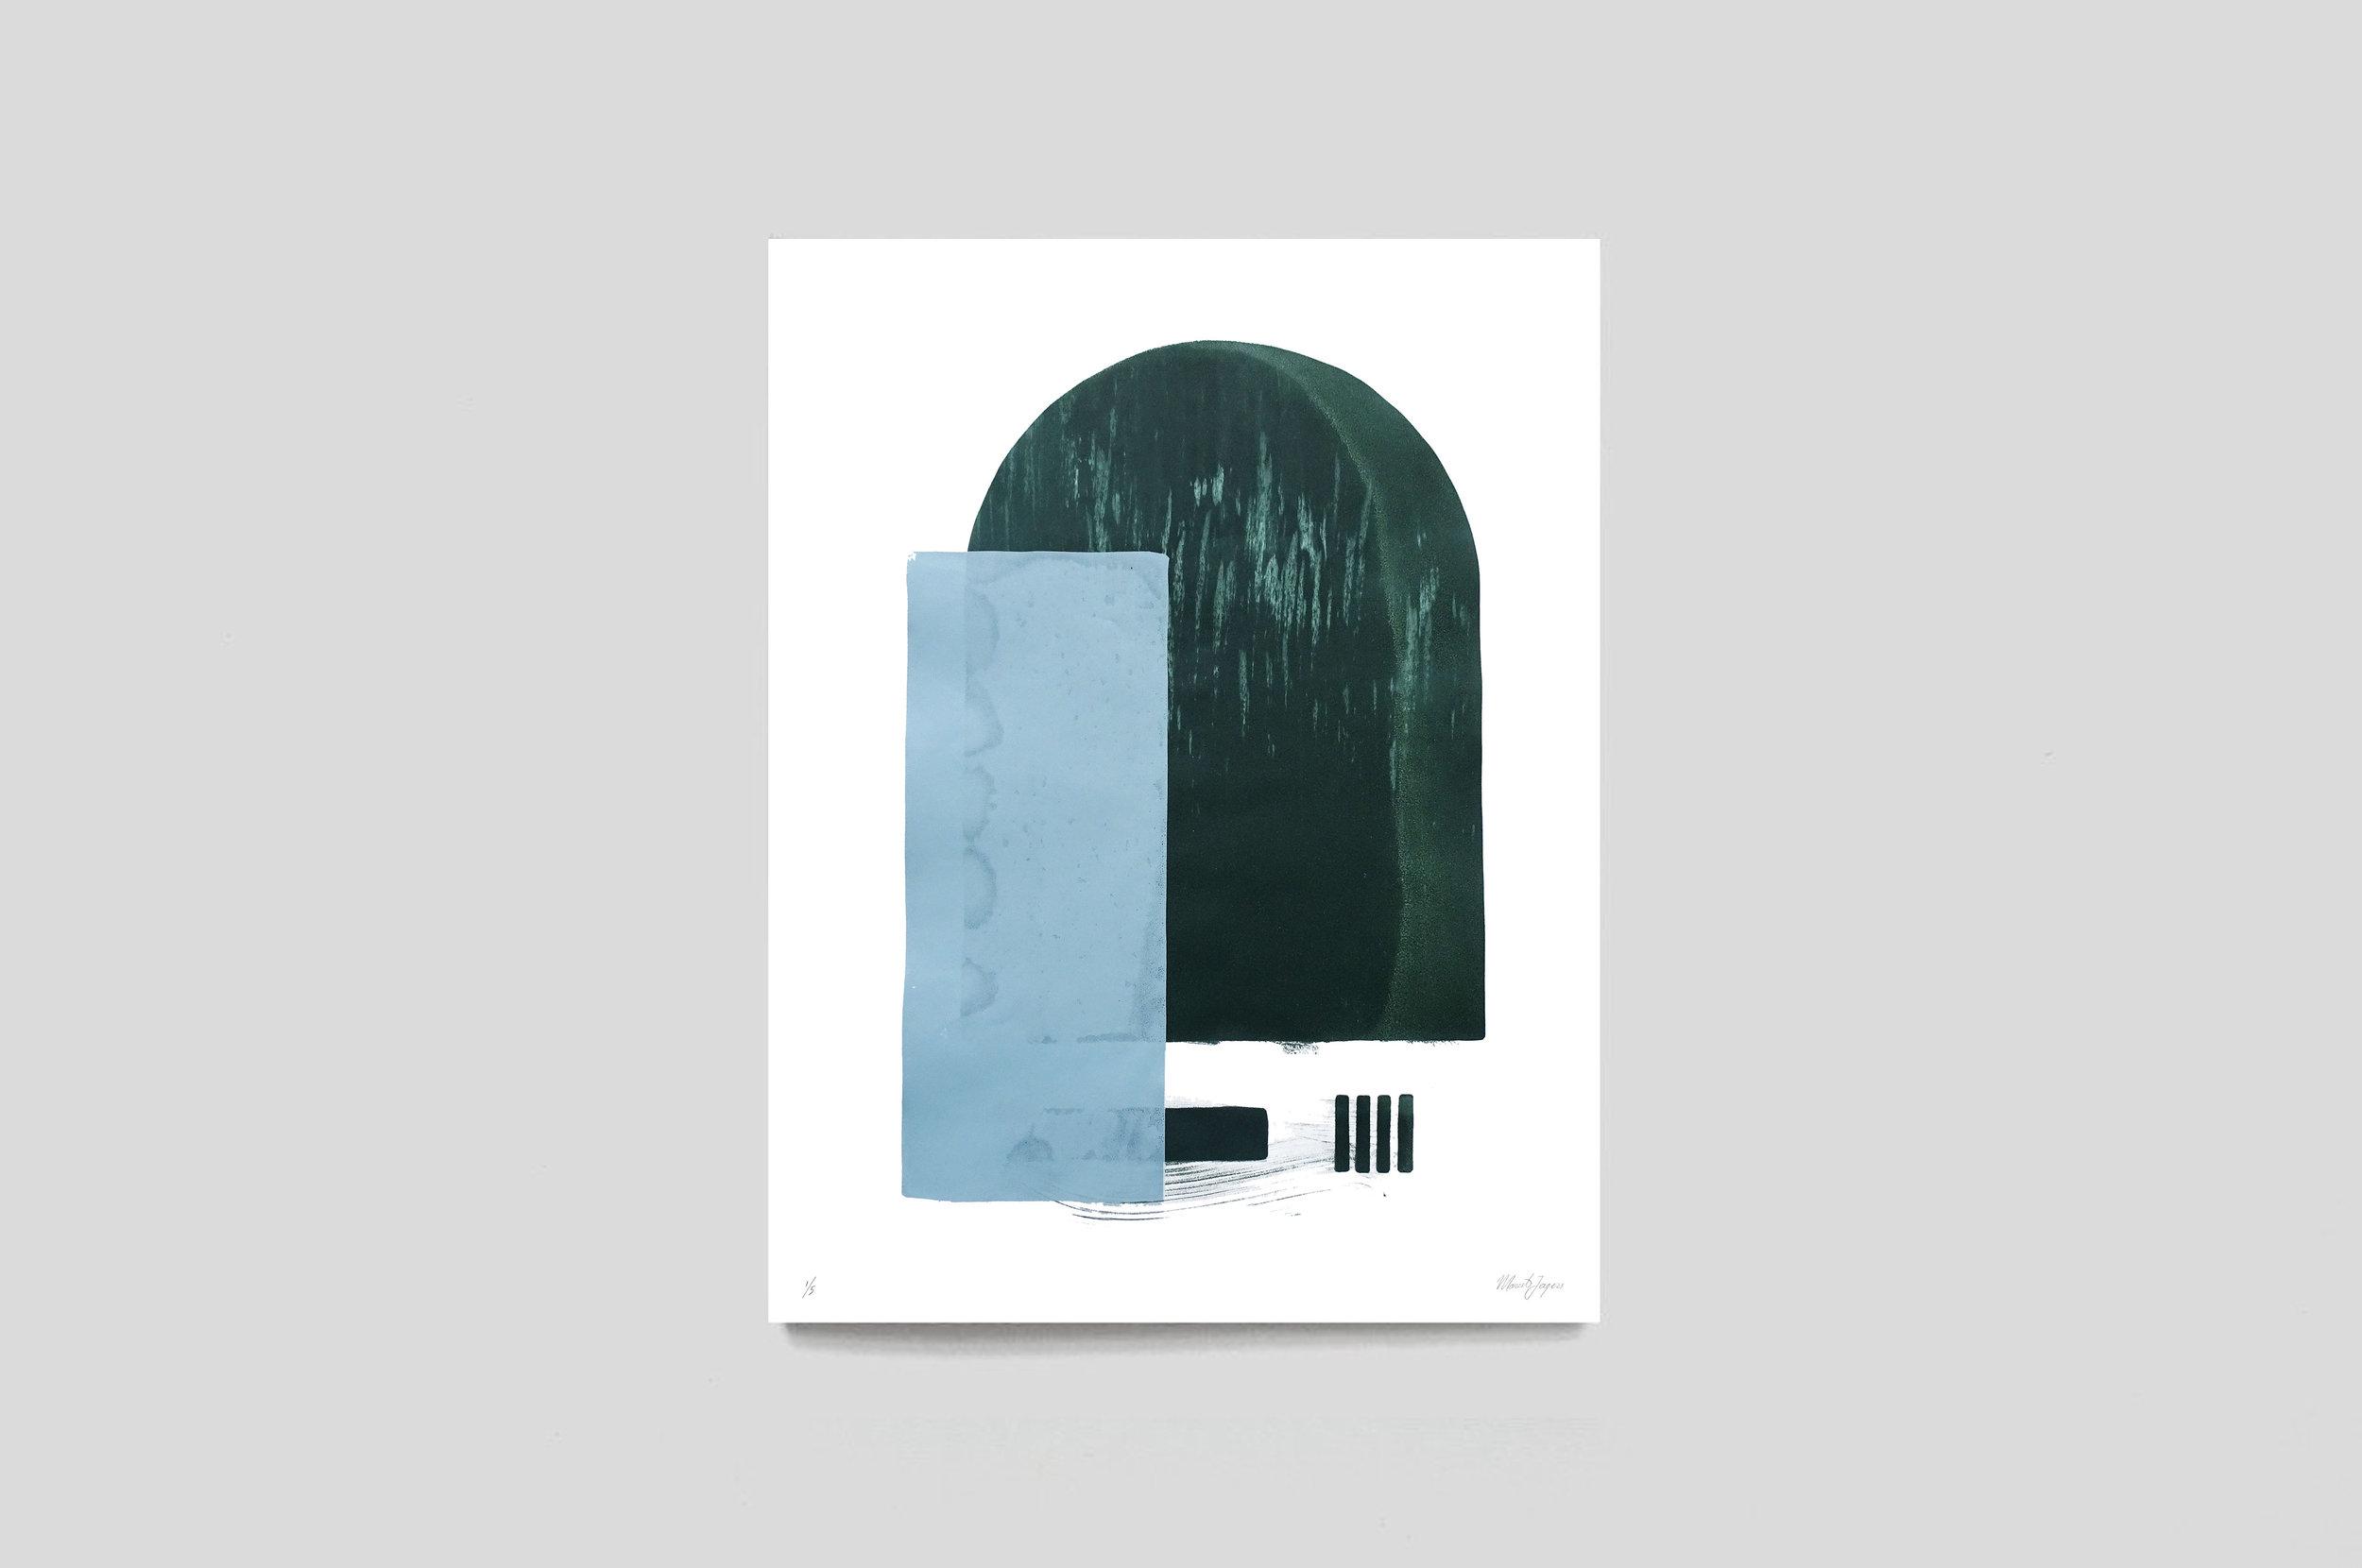 Poster_aan_muur_Marrit_Jagers_StudioJOA_zeefdruk_0003_4.jpg